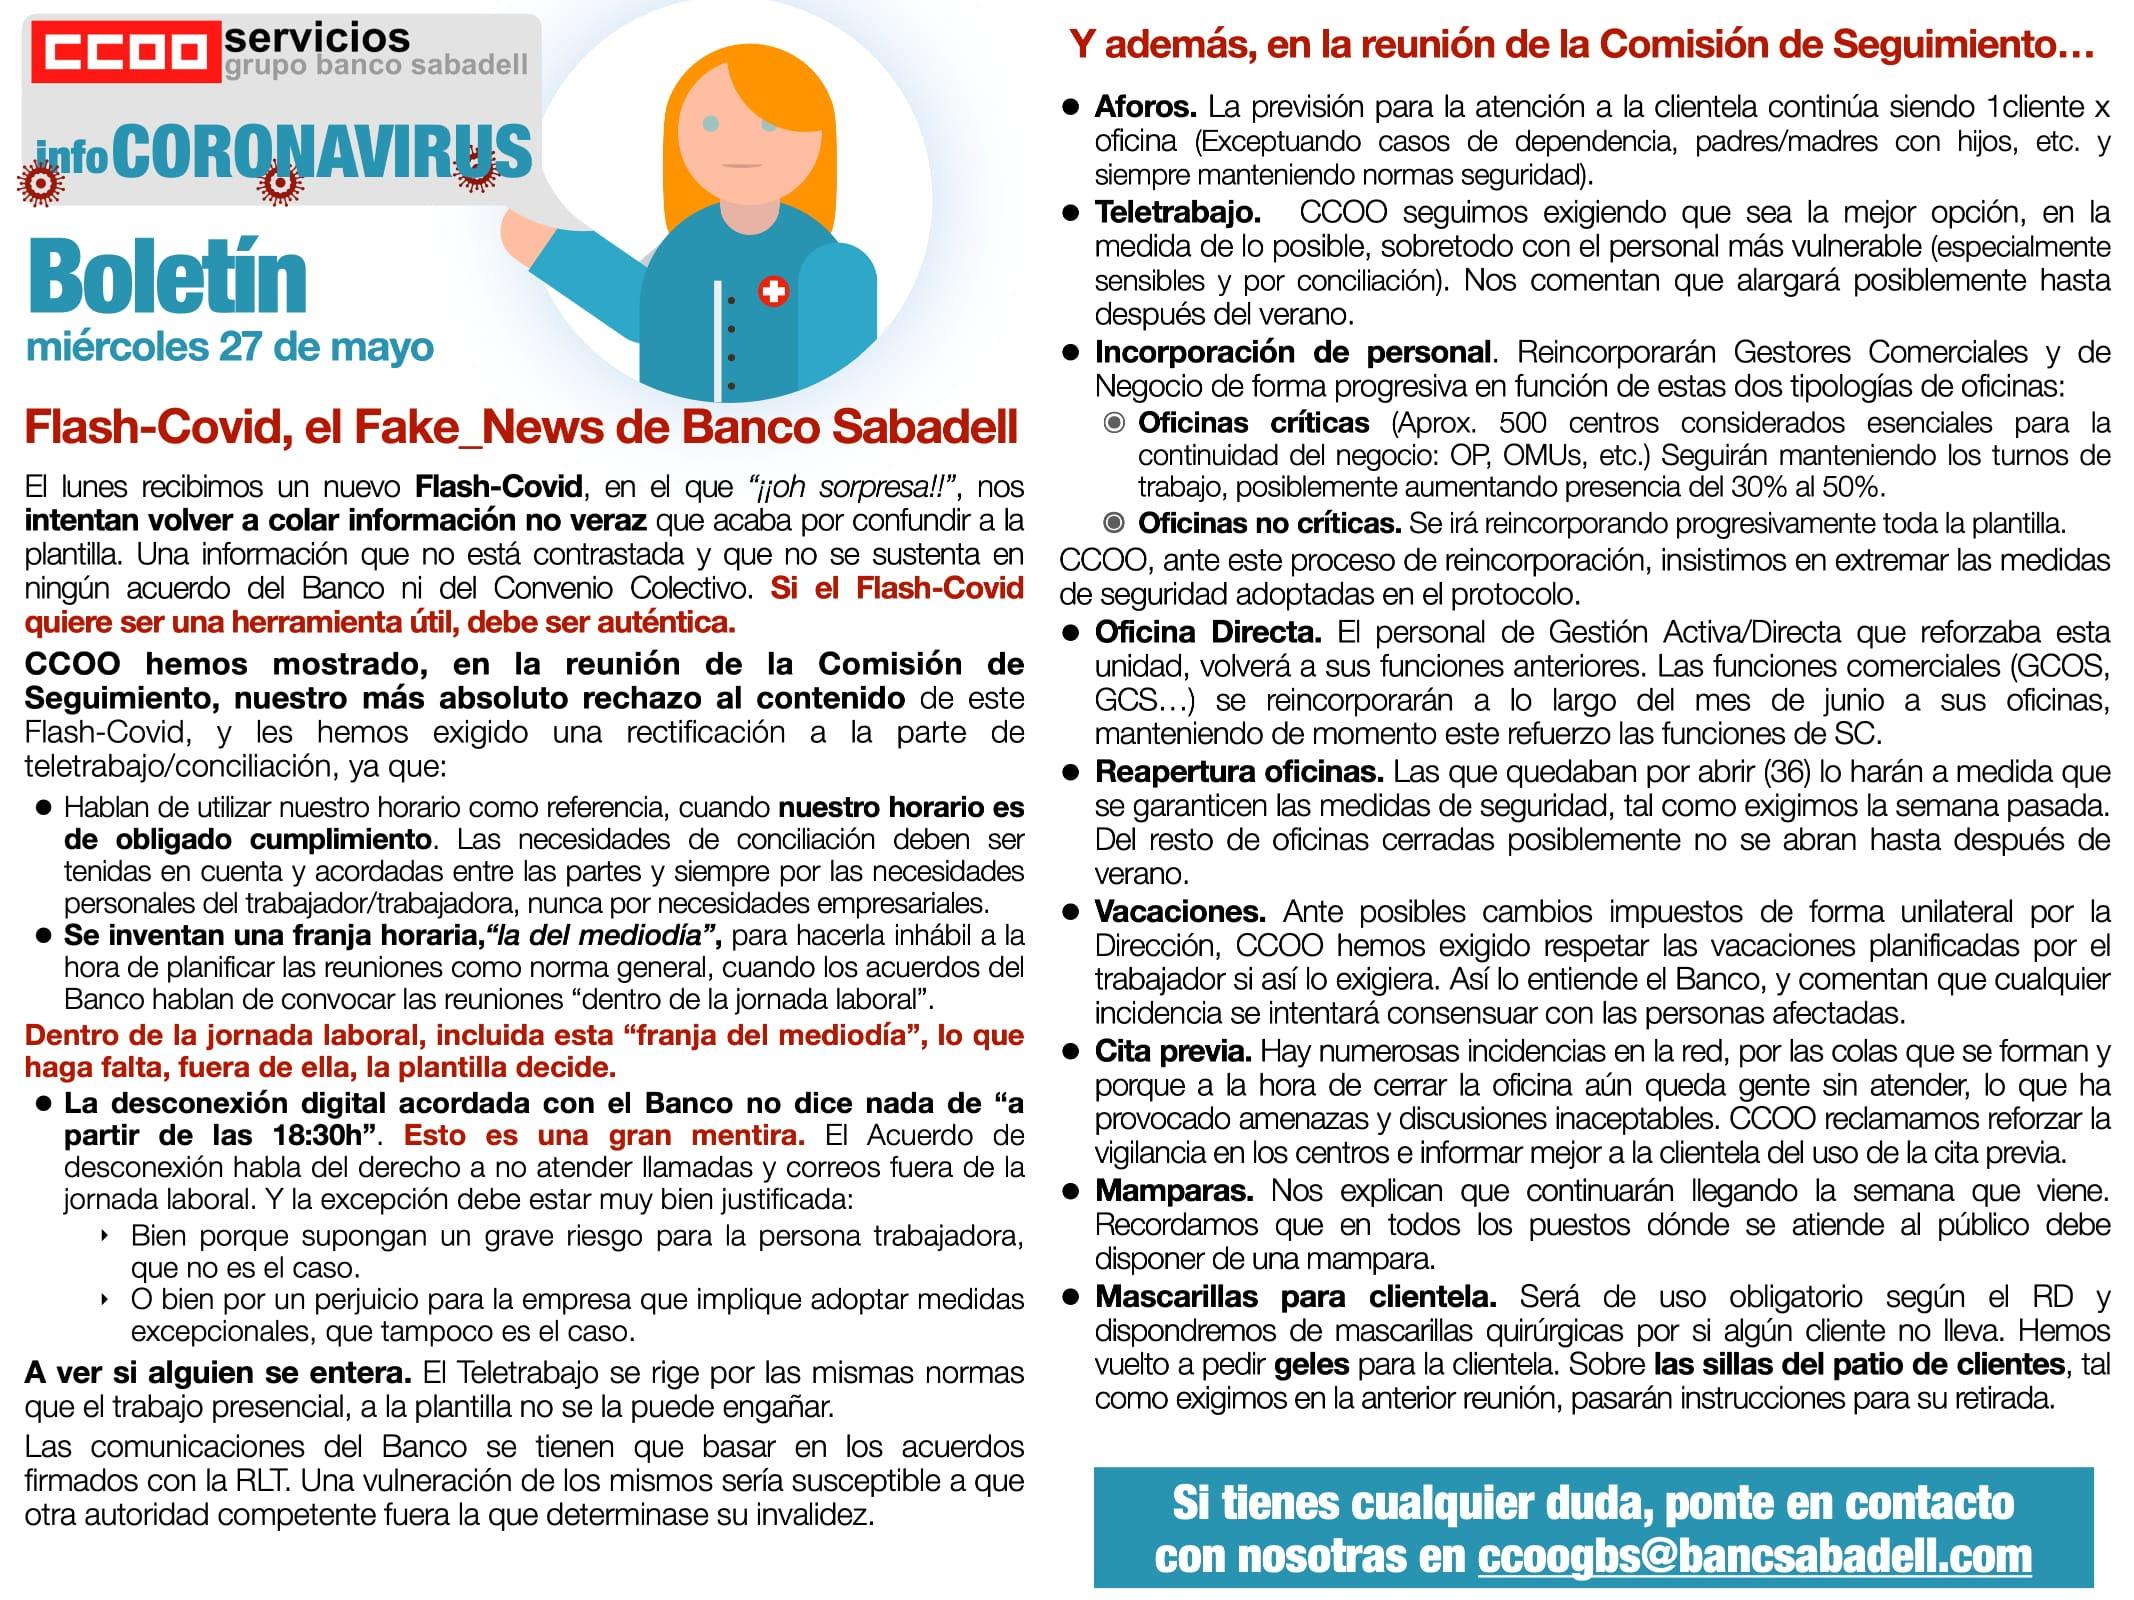 Boletin Coronavirus Banc Sabaell segunda